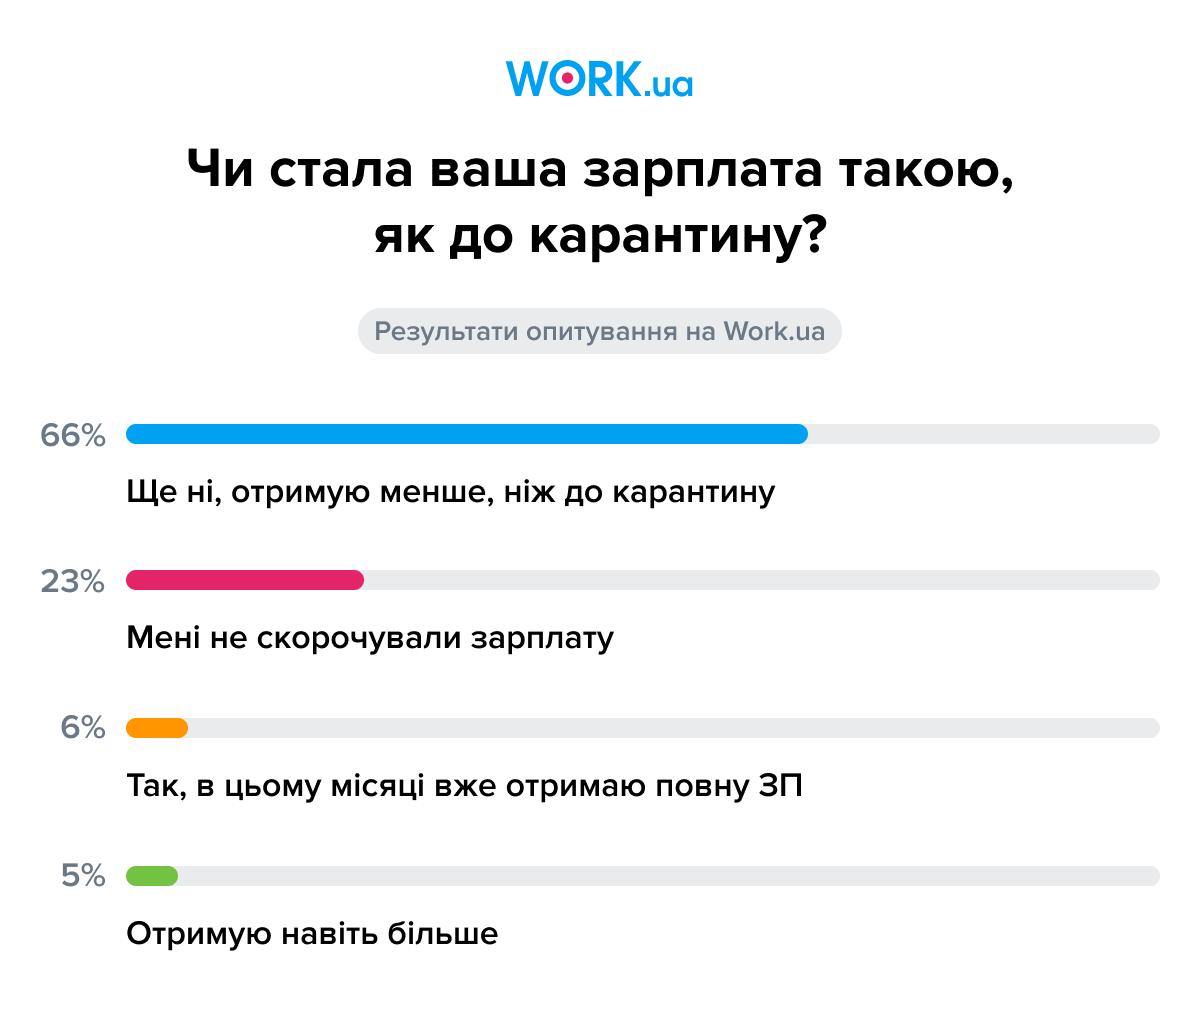 Опитування проводилося в червні 2020. У ньому взяли участь 8650 осіб.